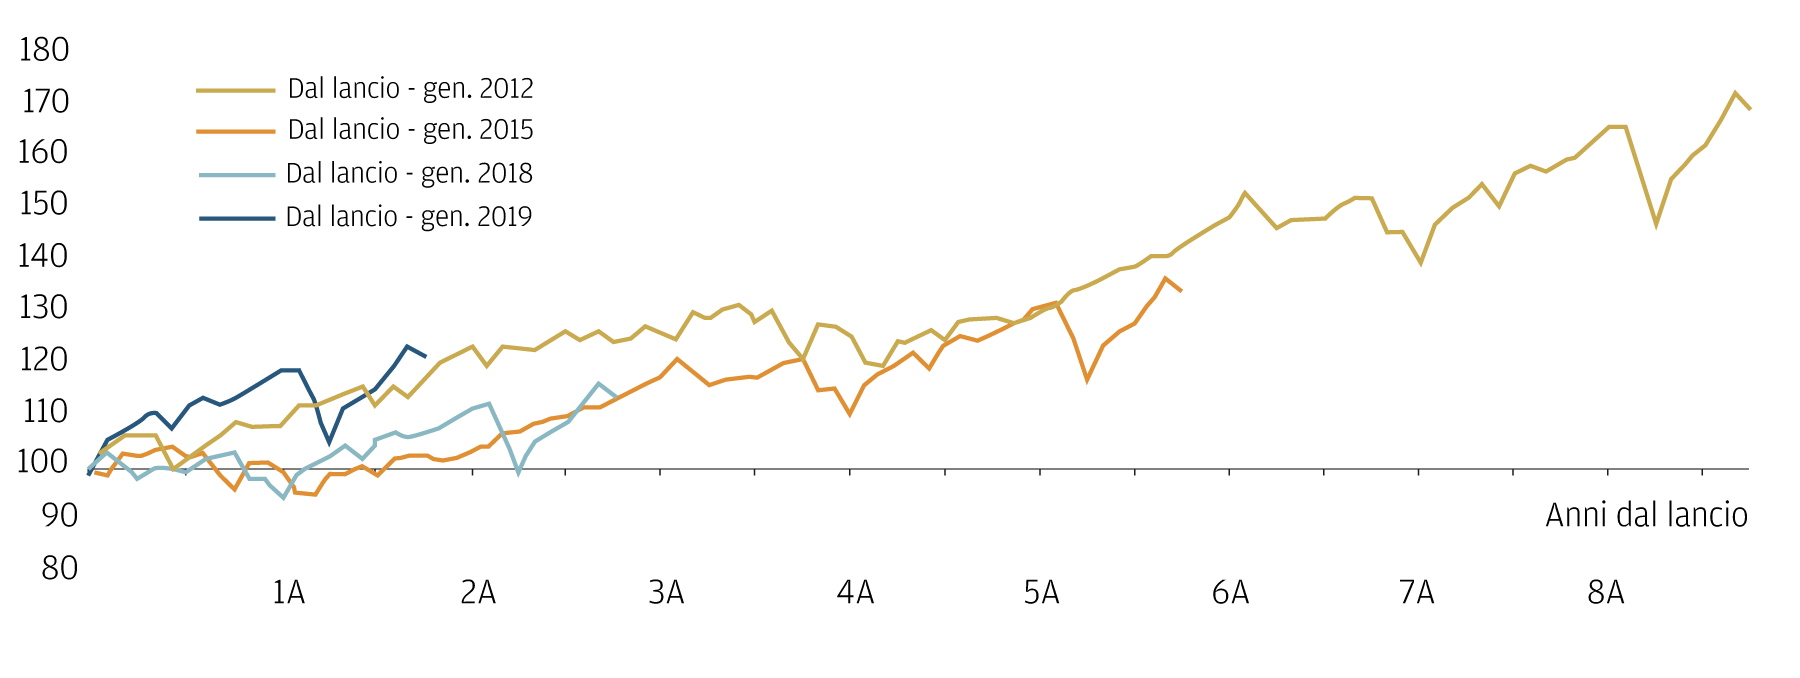 Questo grafico mostra che non conta tanto il punto d'ingresso nel mercato quanto il fatto di rimanere investiti.  Il grafico considera vari punti d'ingresso e mostra come i punti di partenza incidano poco e come sia la capacità di restare investiti a fare realmente la differenza.